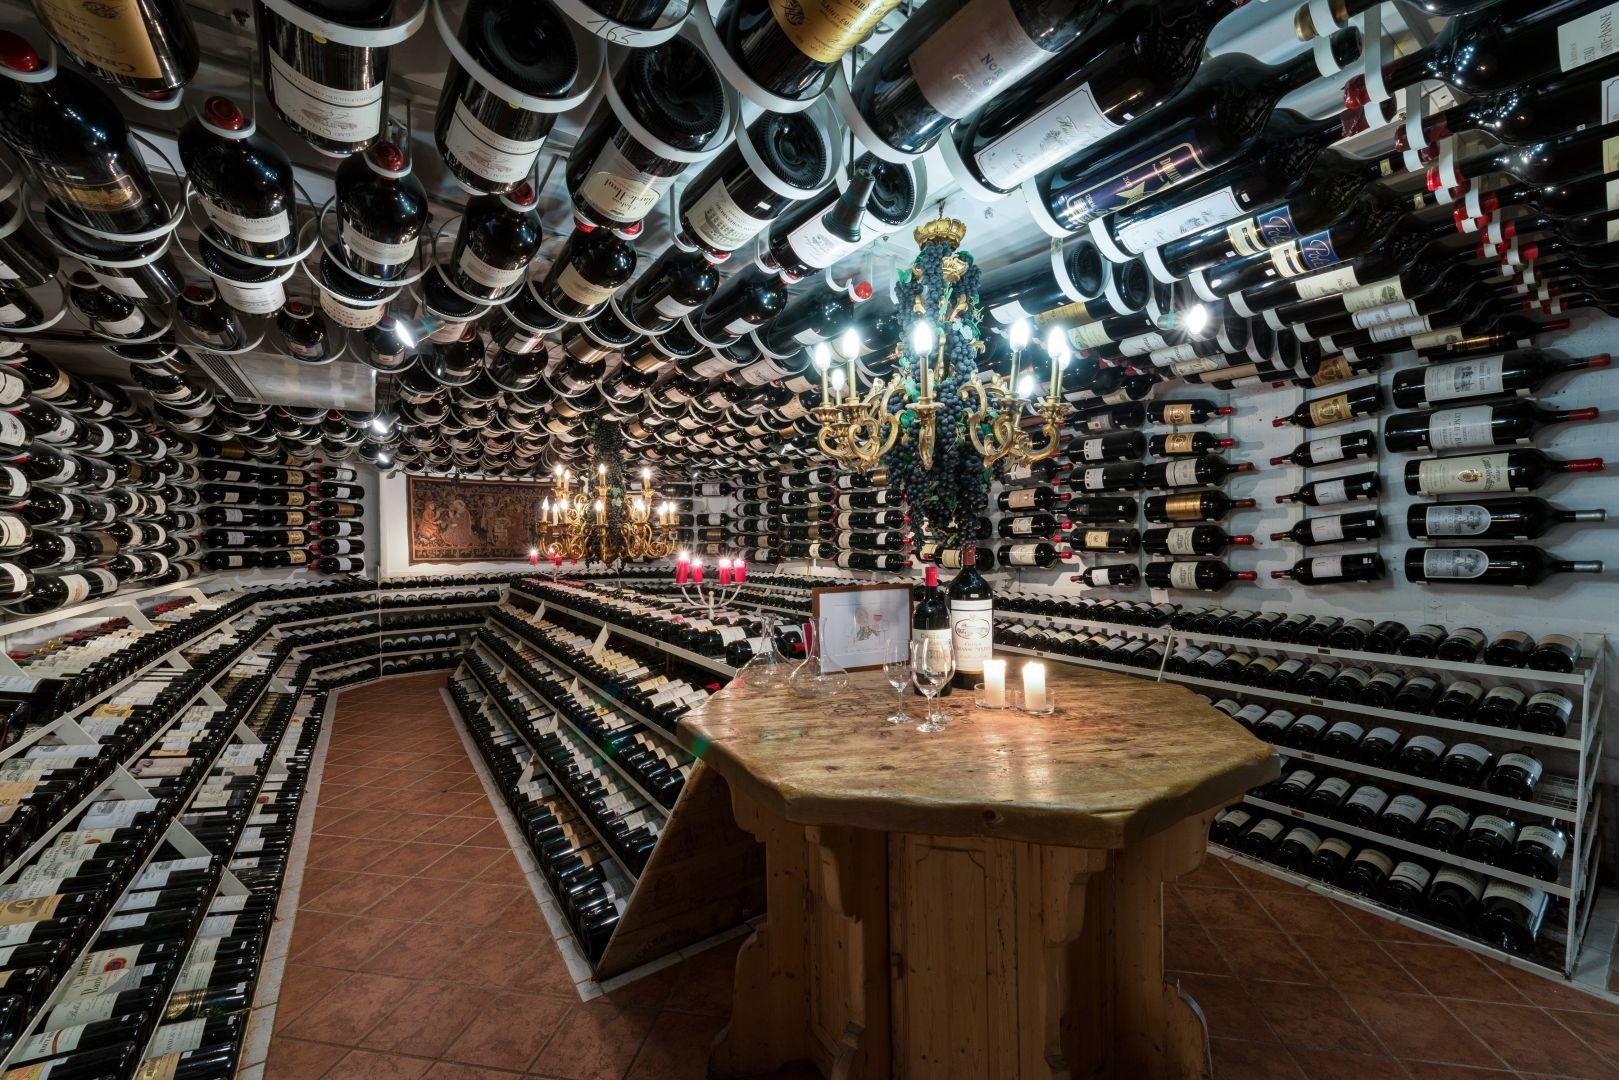 Best Restaurants in St Anton The wine cellar at Hospiz Alm